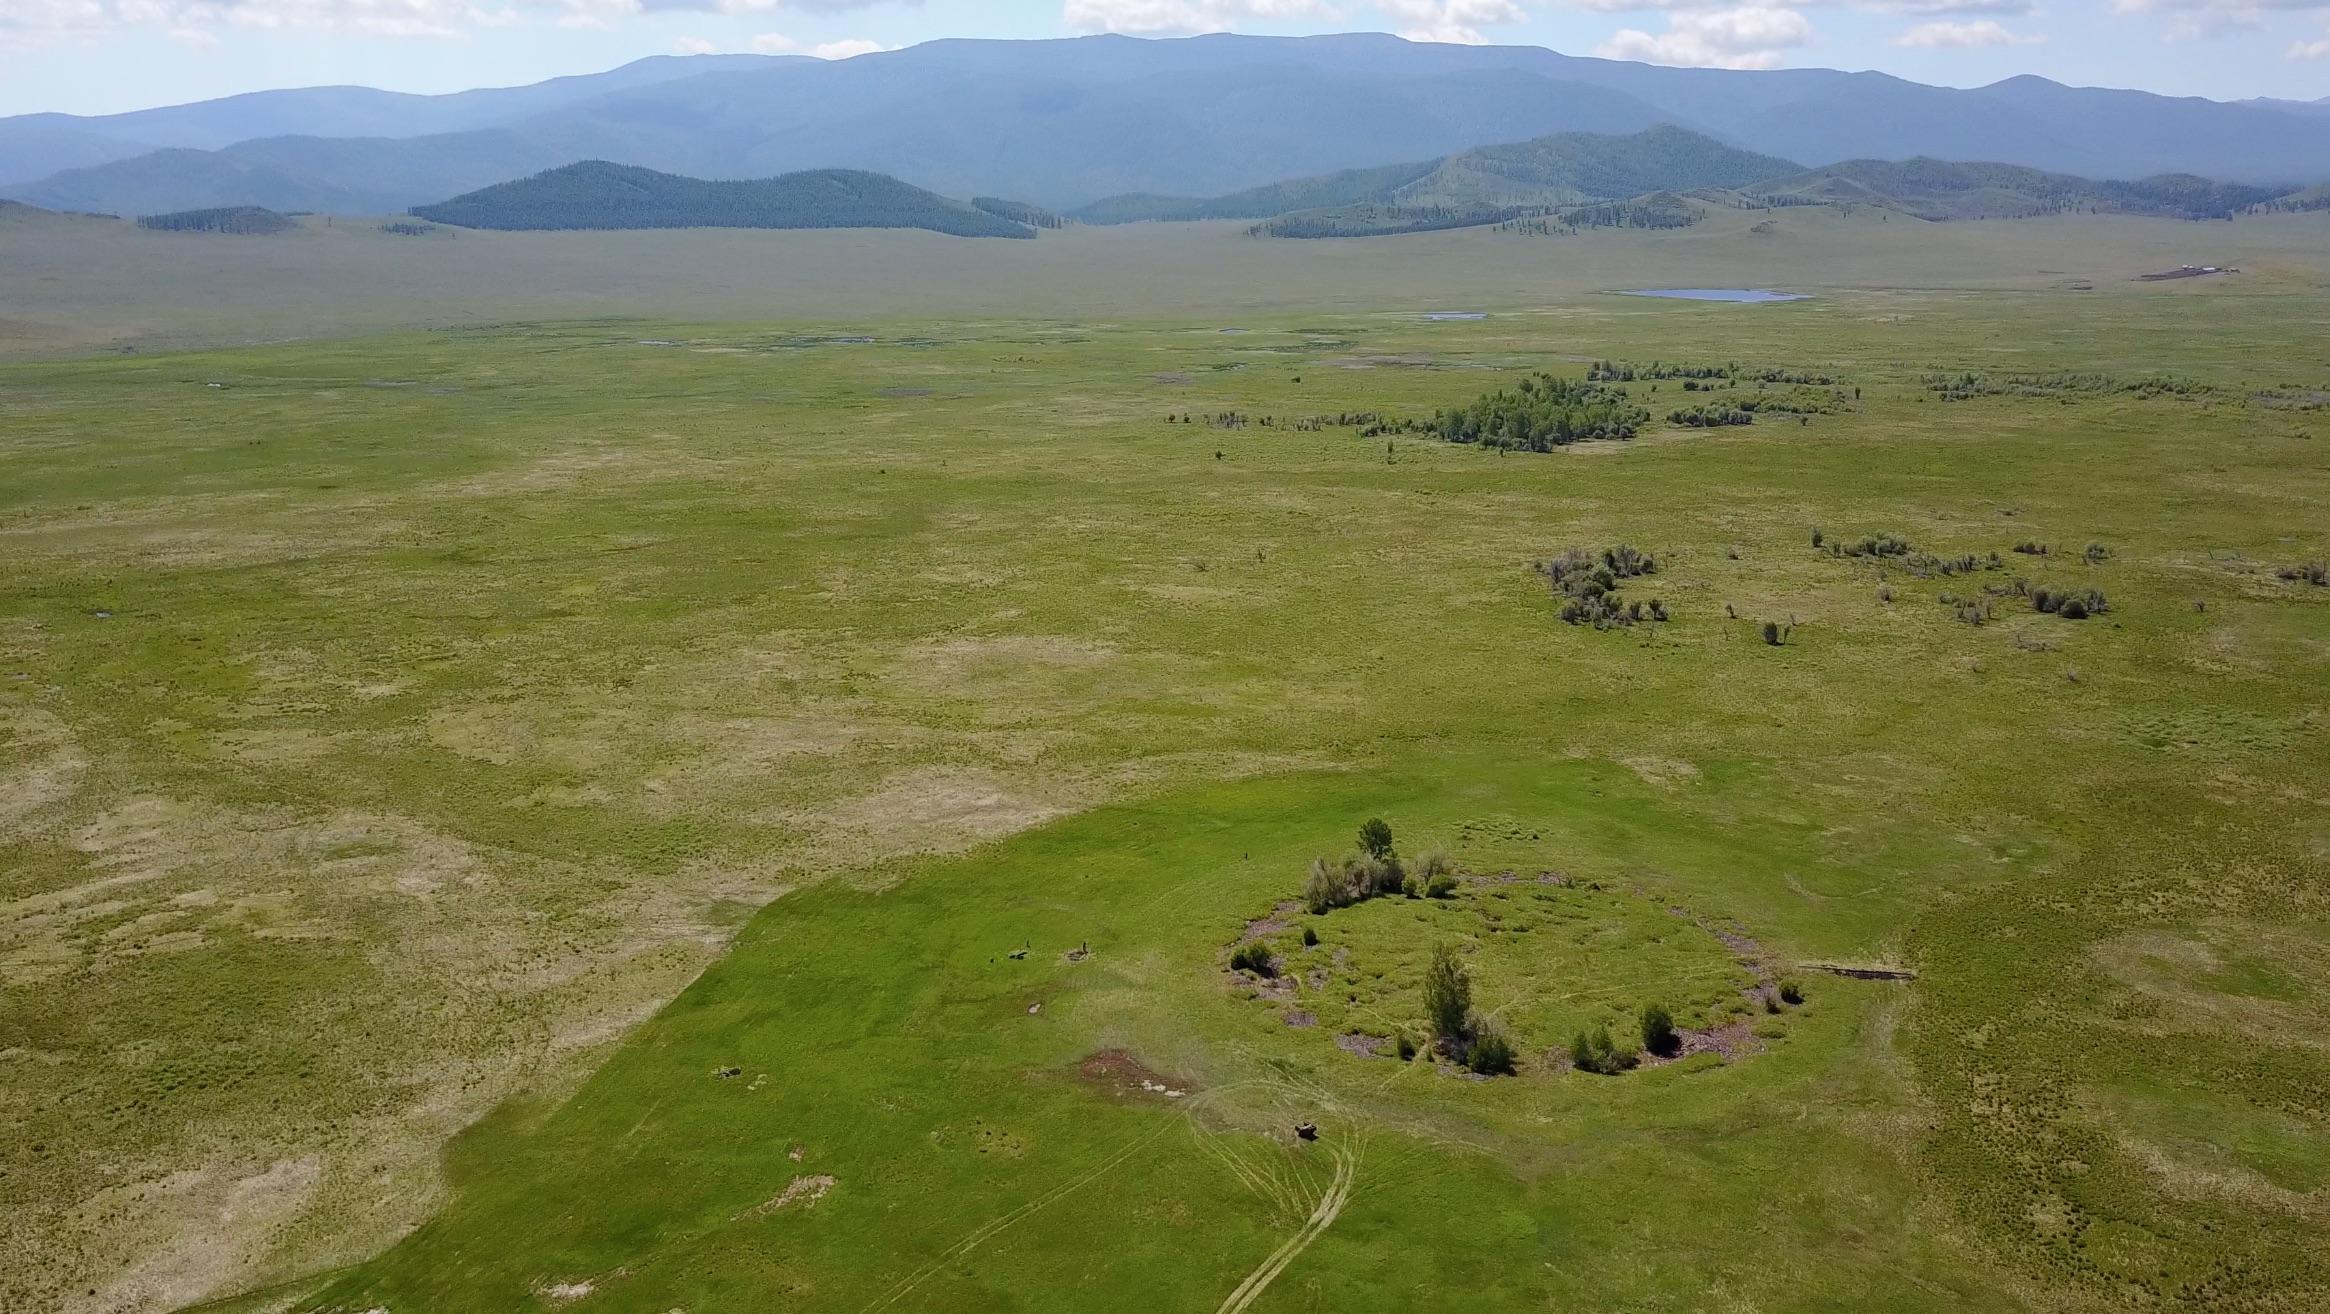 Blick auf den Grabhügel Tunnug 1 (Arschan 0). Während die übrigen Kurgane der Region auf einer Terrasse angelegt wurden, liegt Tunnug 1 (Arschan 0) tief in einem Sumpf.